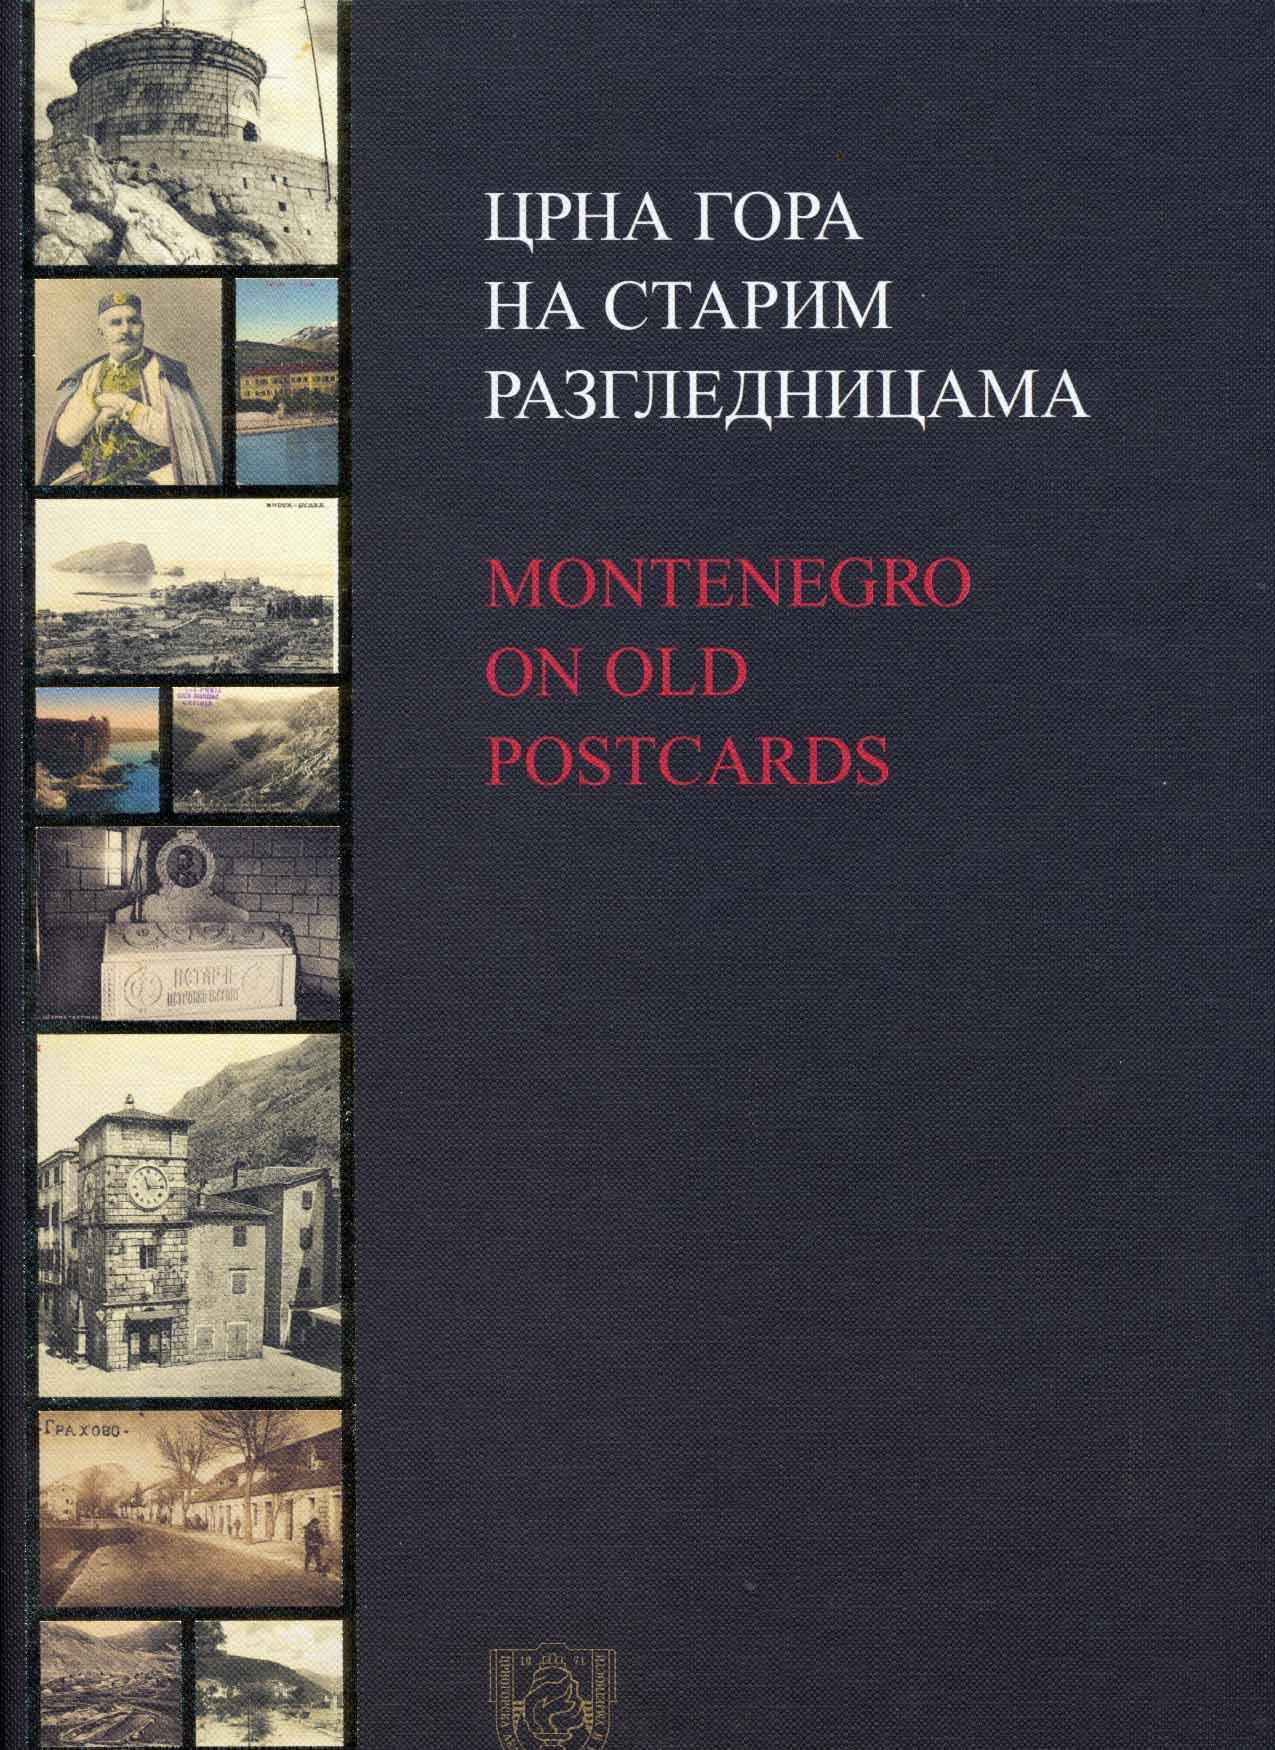 Crna Gora na starim razglednicama = Montenegro on old postcards - / po ideji i uredio Momir Ðurovic ; tekstove napisali Petar Vlahovic, Rajko Vujicic.  Momir Ðurovic´